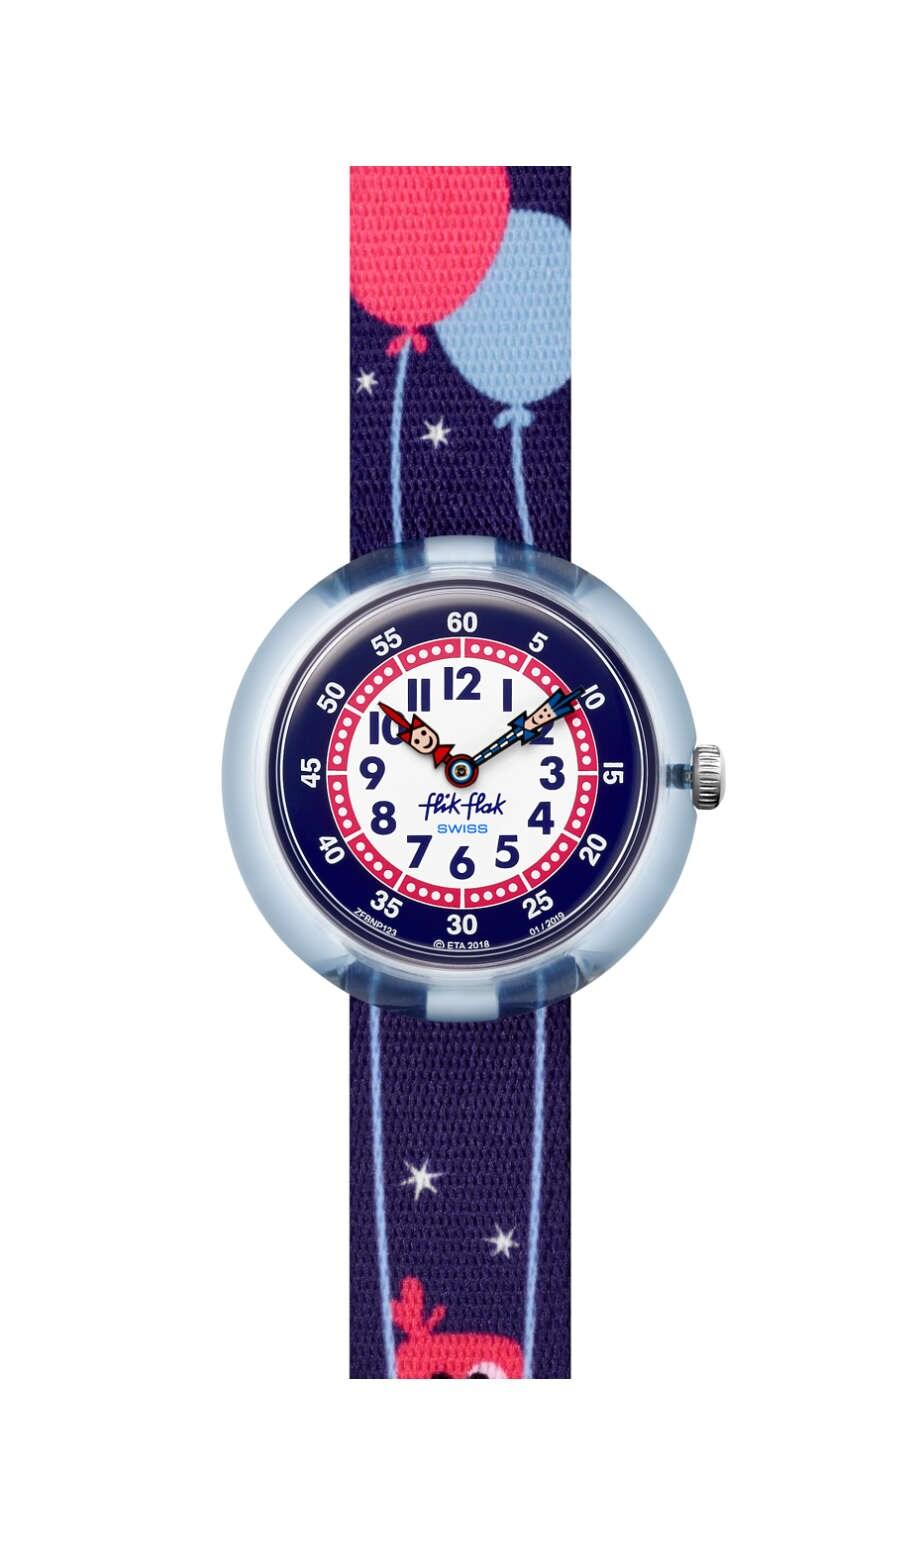 Swatch - OWLY SKY - 1